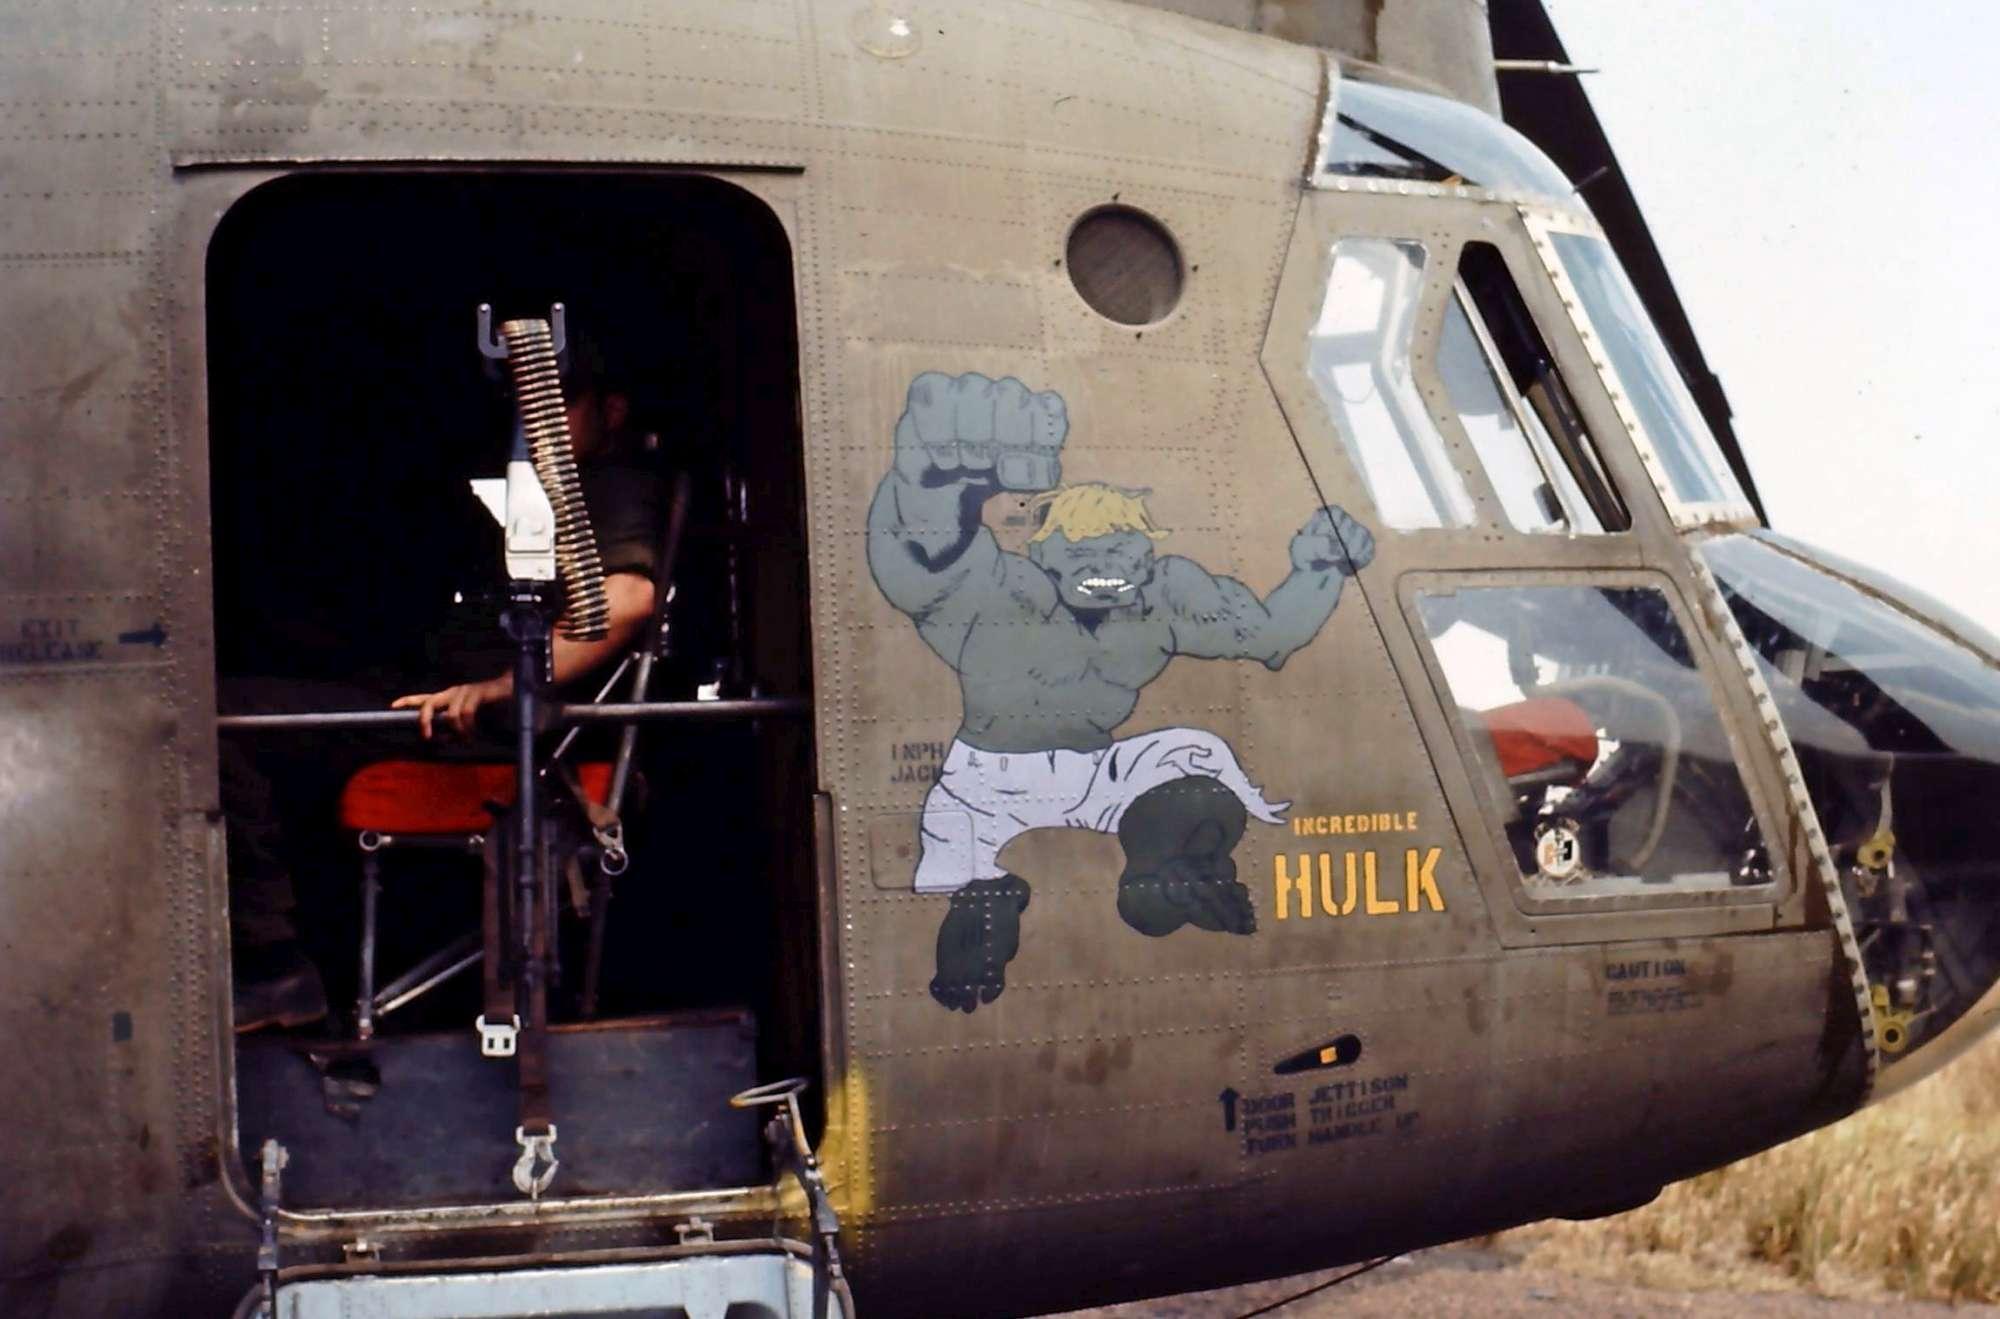 Elicottero 007 : Gli elicotteri decorati dai soldati durante la guerra del vietnam